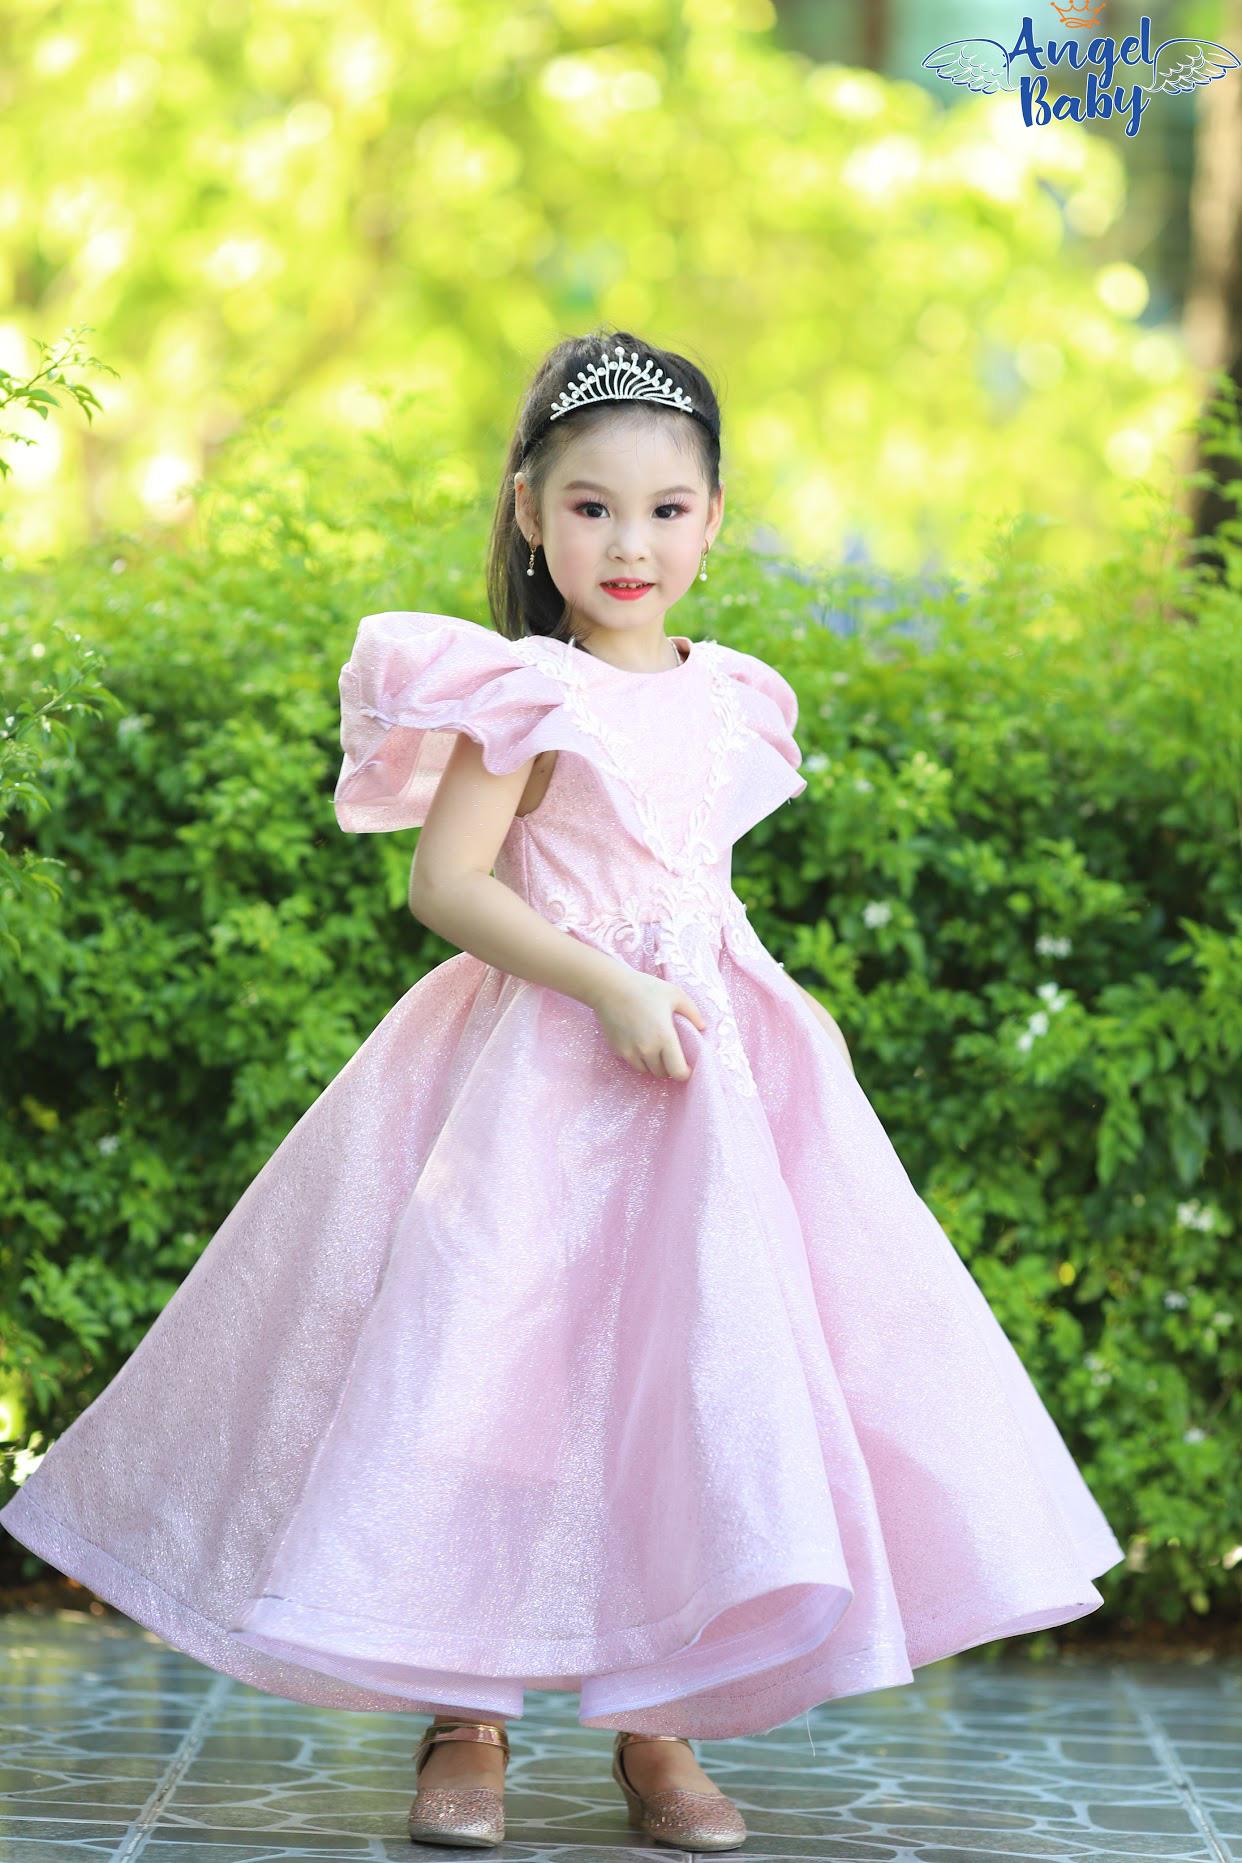 Những tiểu công chúa có niềm đam mê mãnh liệt với nghệ thuật - Ảnh 8.